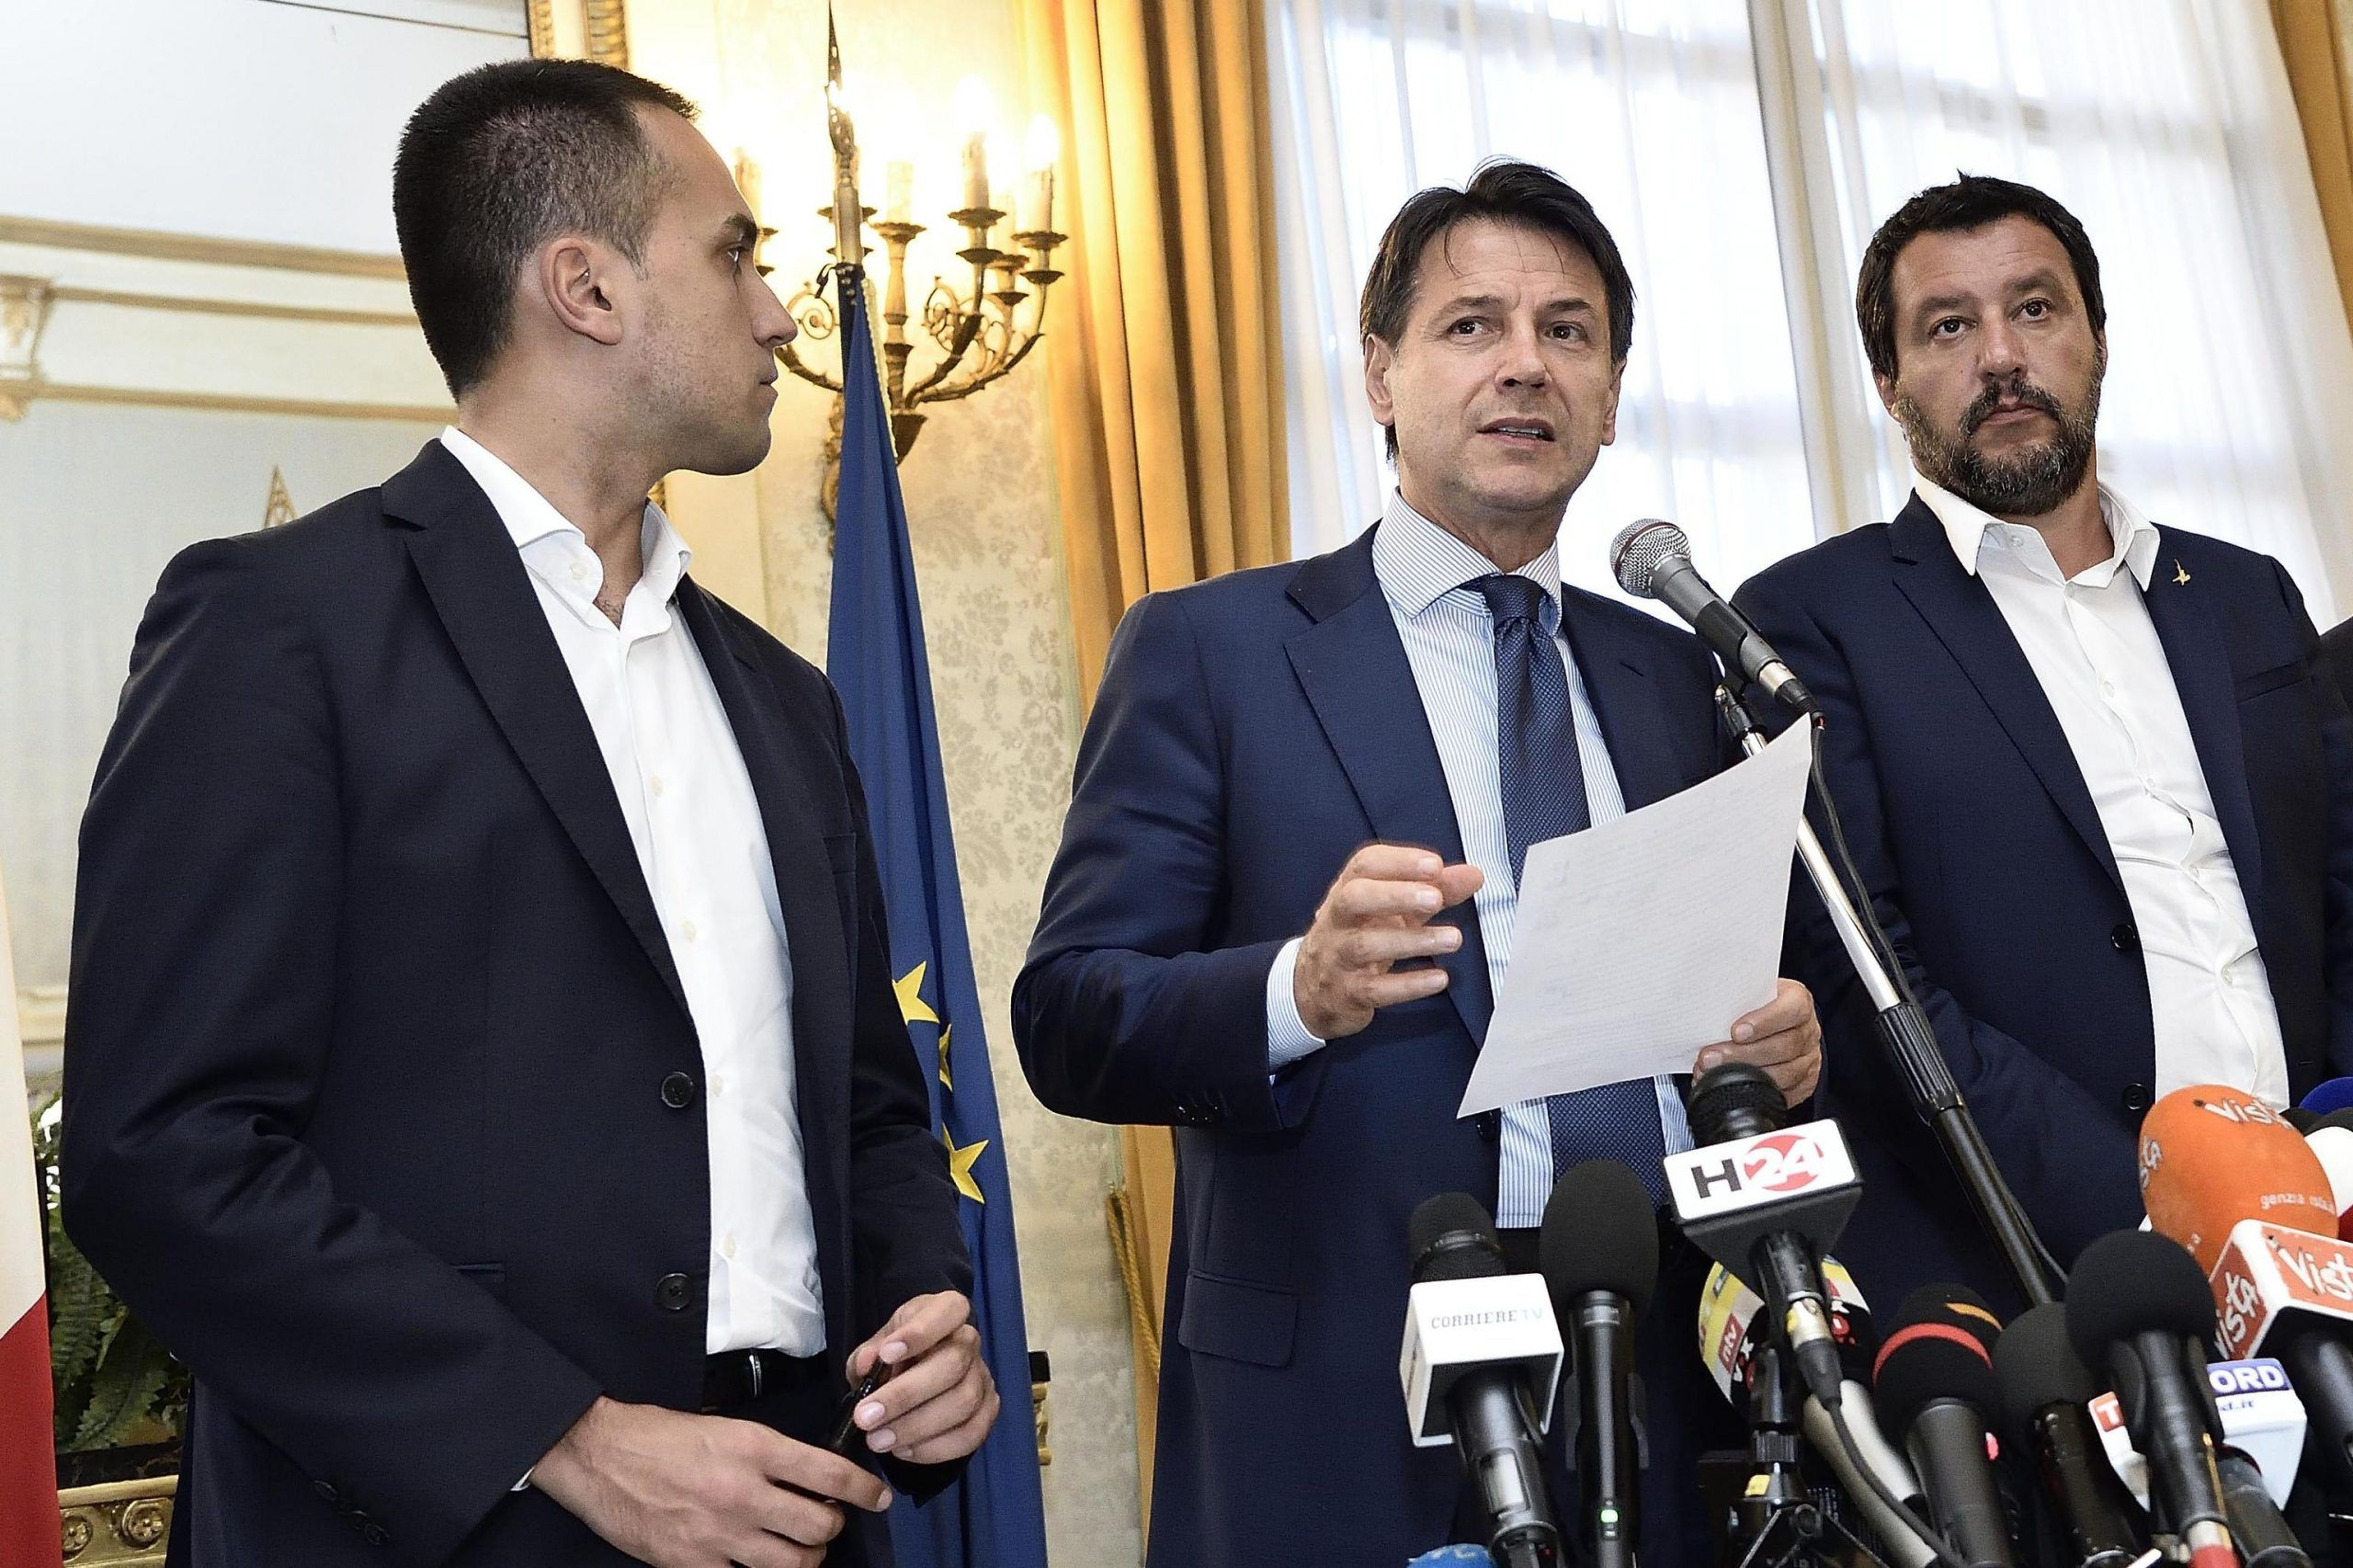 Ponte Morandi: Salvini frena sulla revoca delle concessioni a Autostrade, ma Di Maio tira dritto